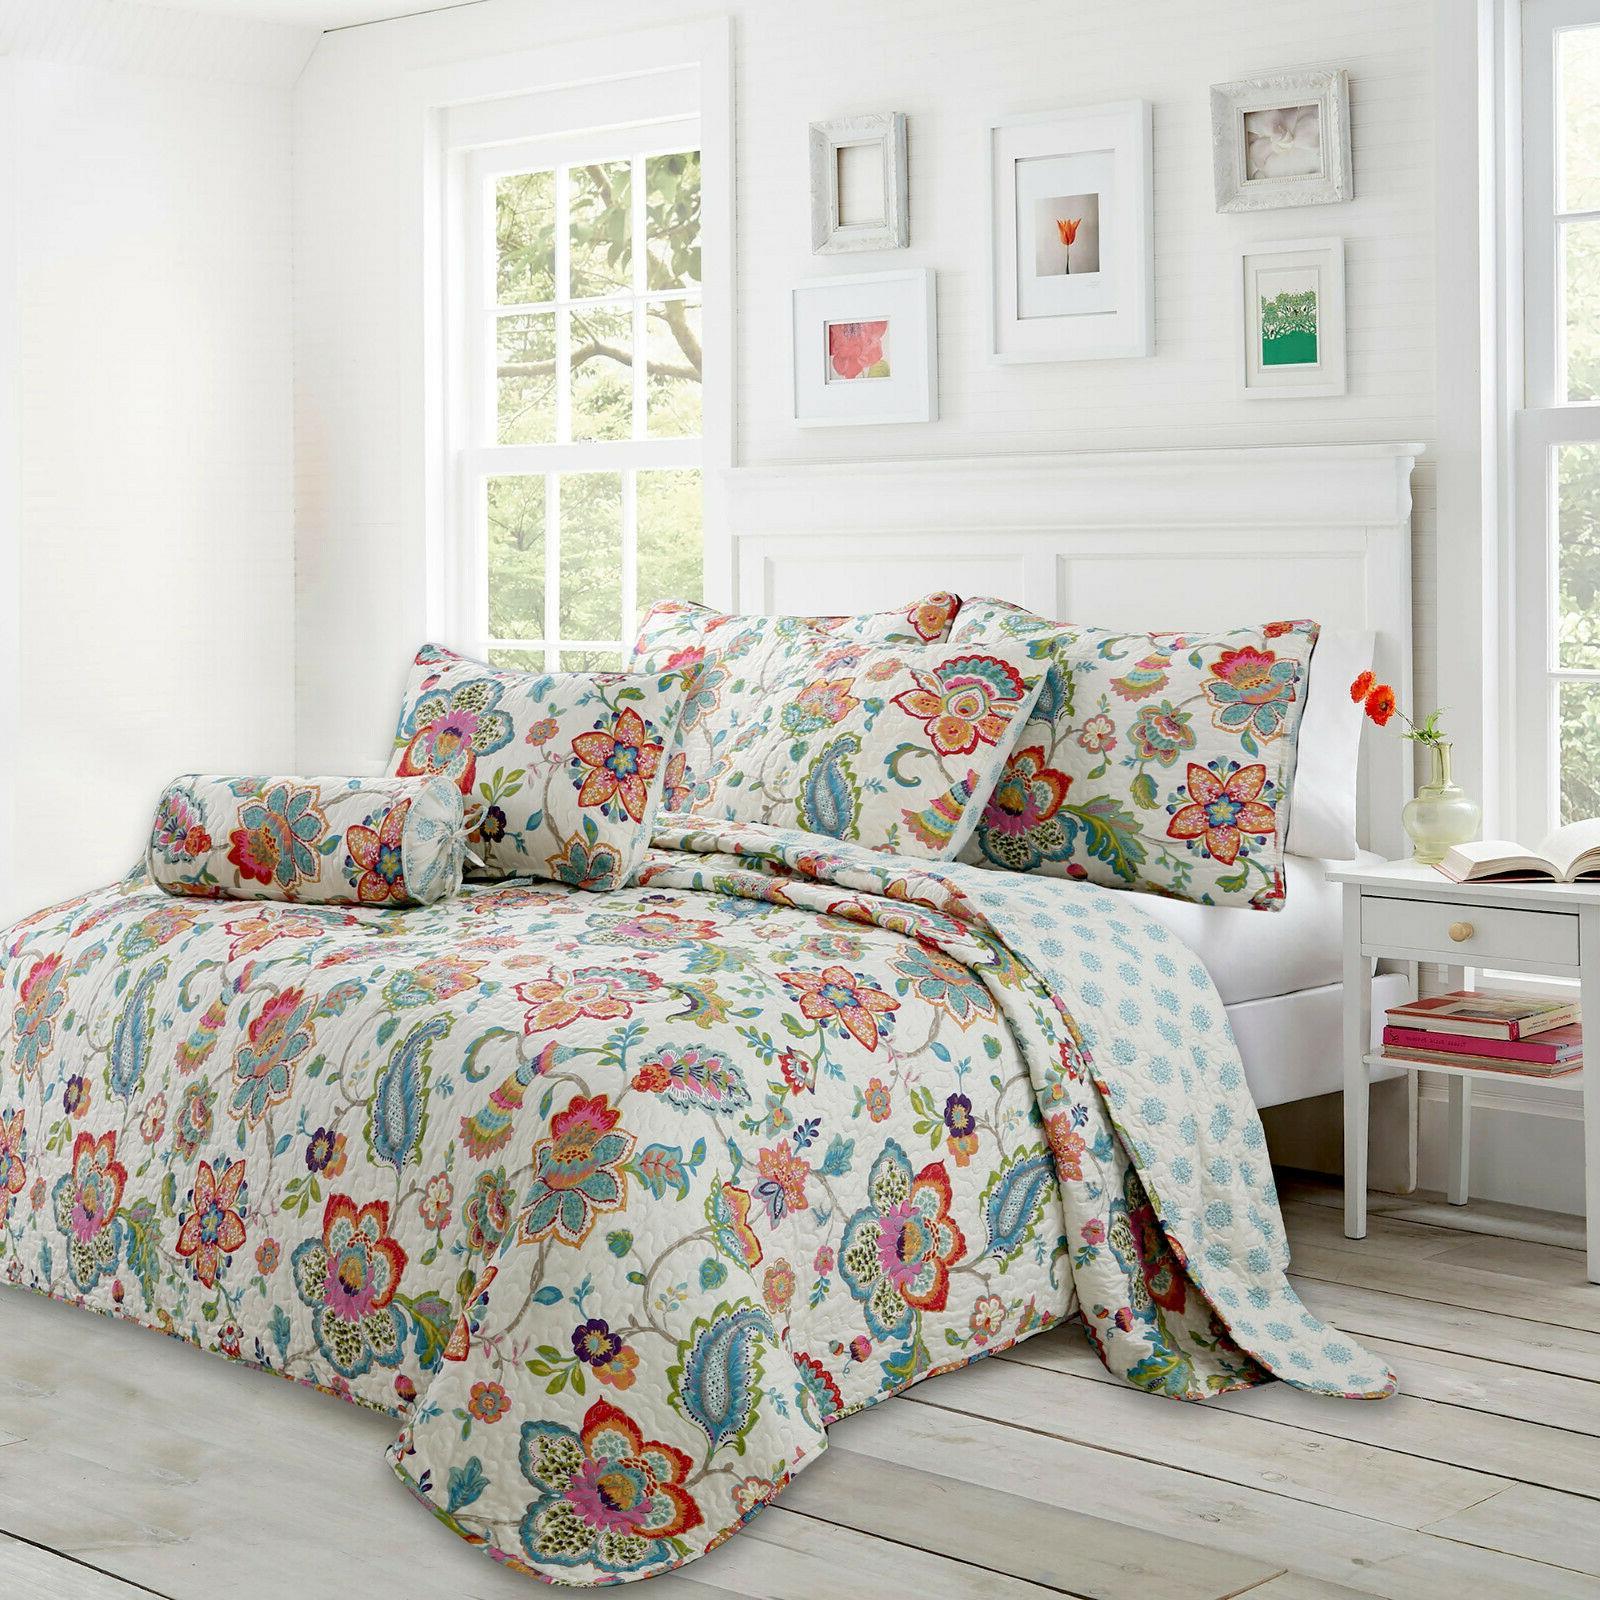 Spring Quilt Set, Bedspread,